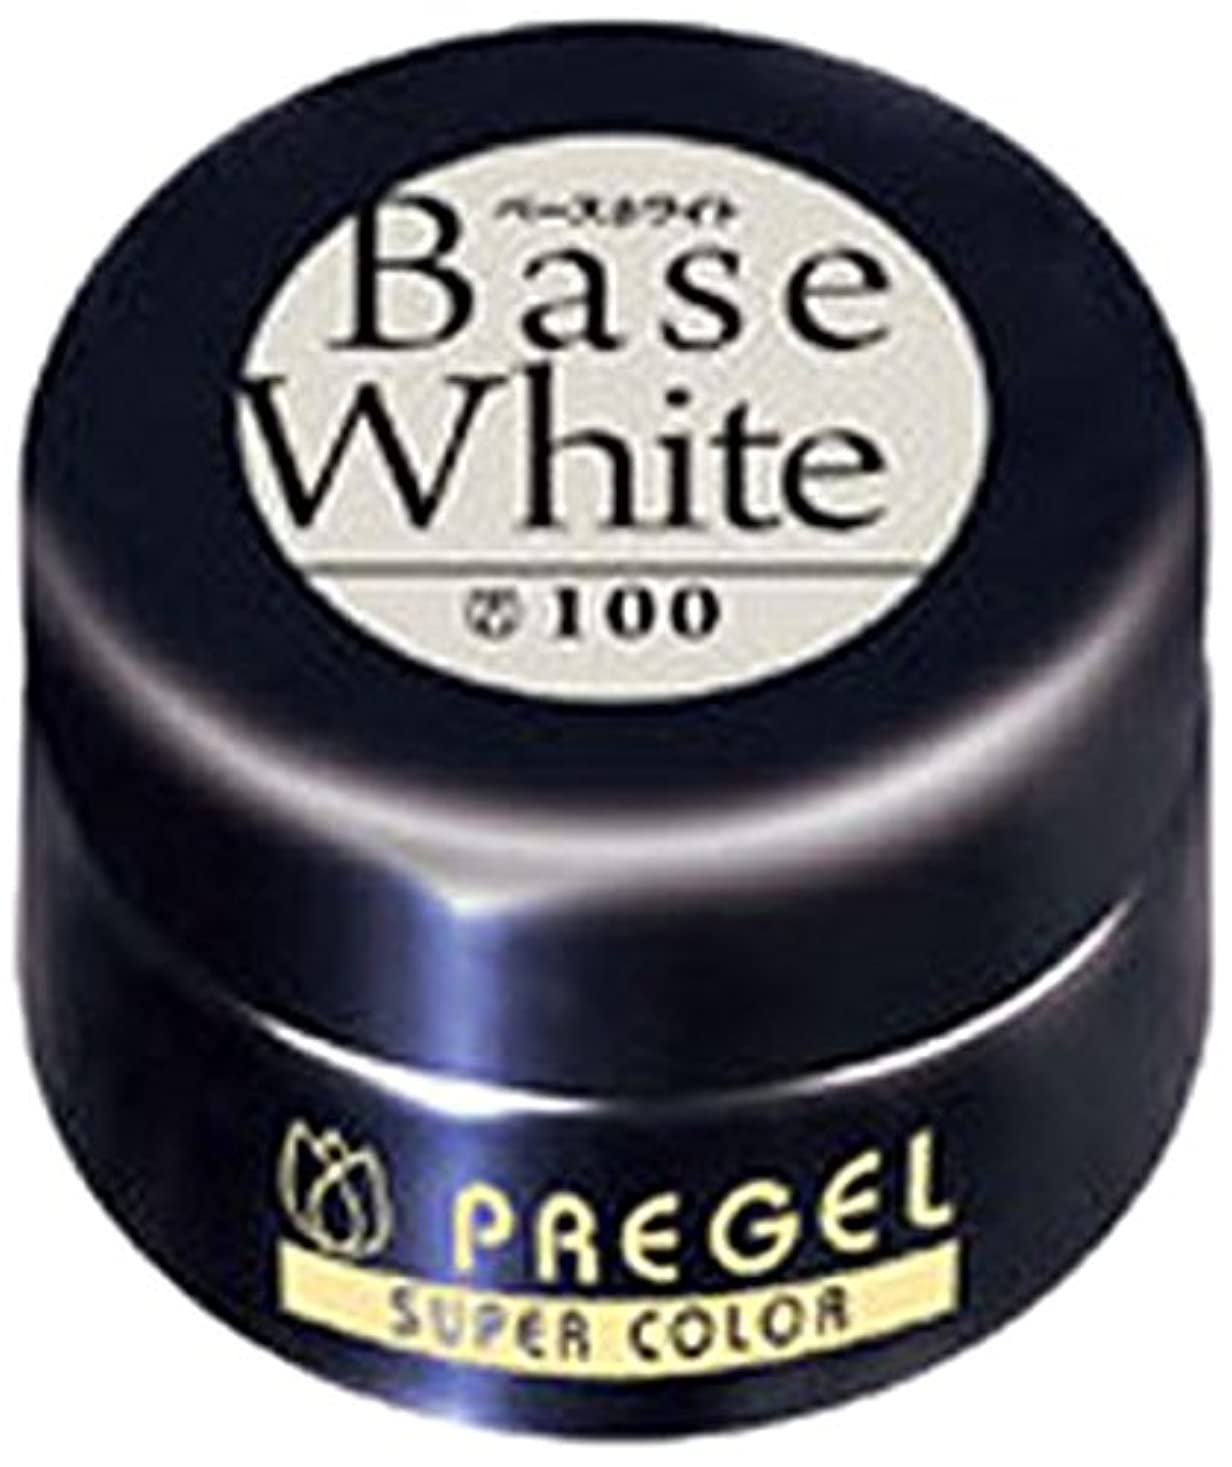 敬中級十分ですプリジェル スーパーカラーEX ベースホワイト 4g PG-SE100 カラージェル